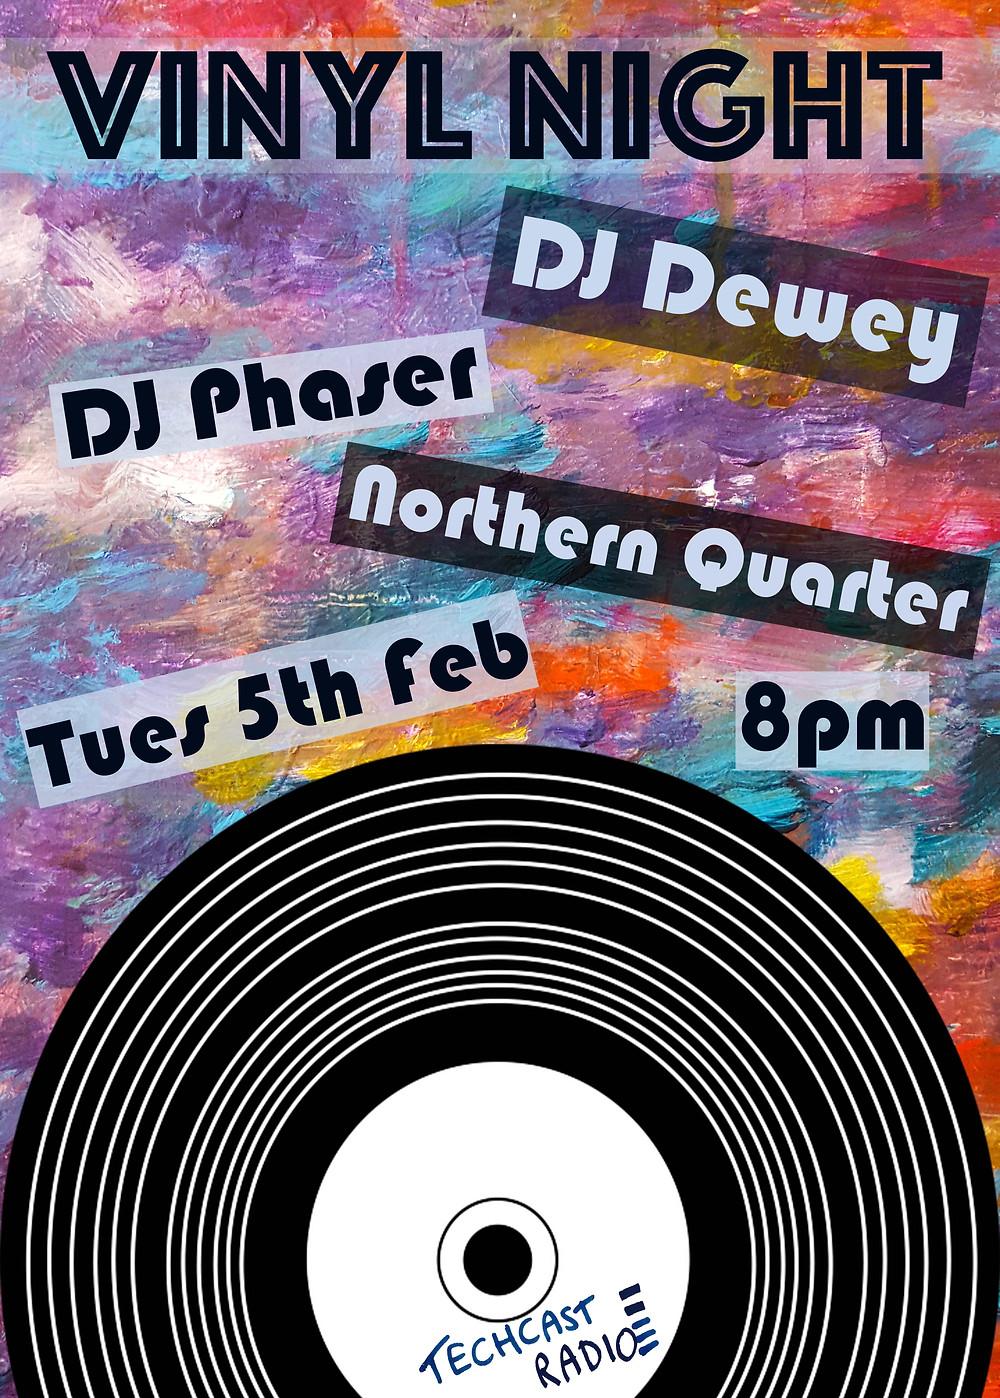 Vinyl Night II Poster